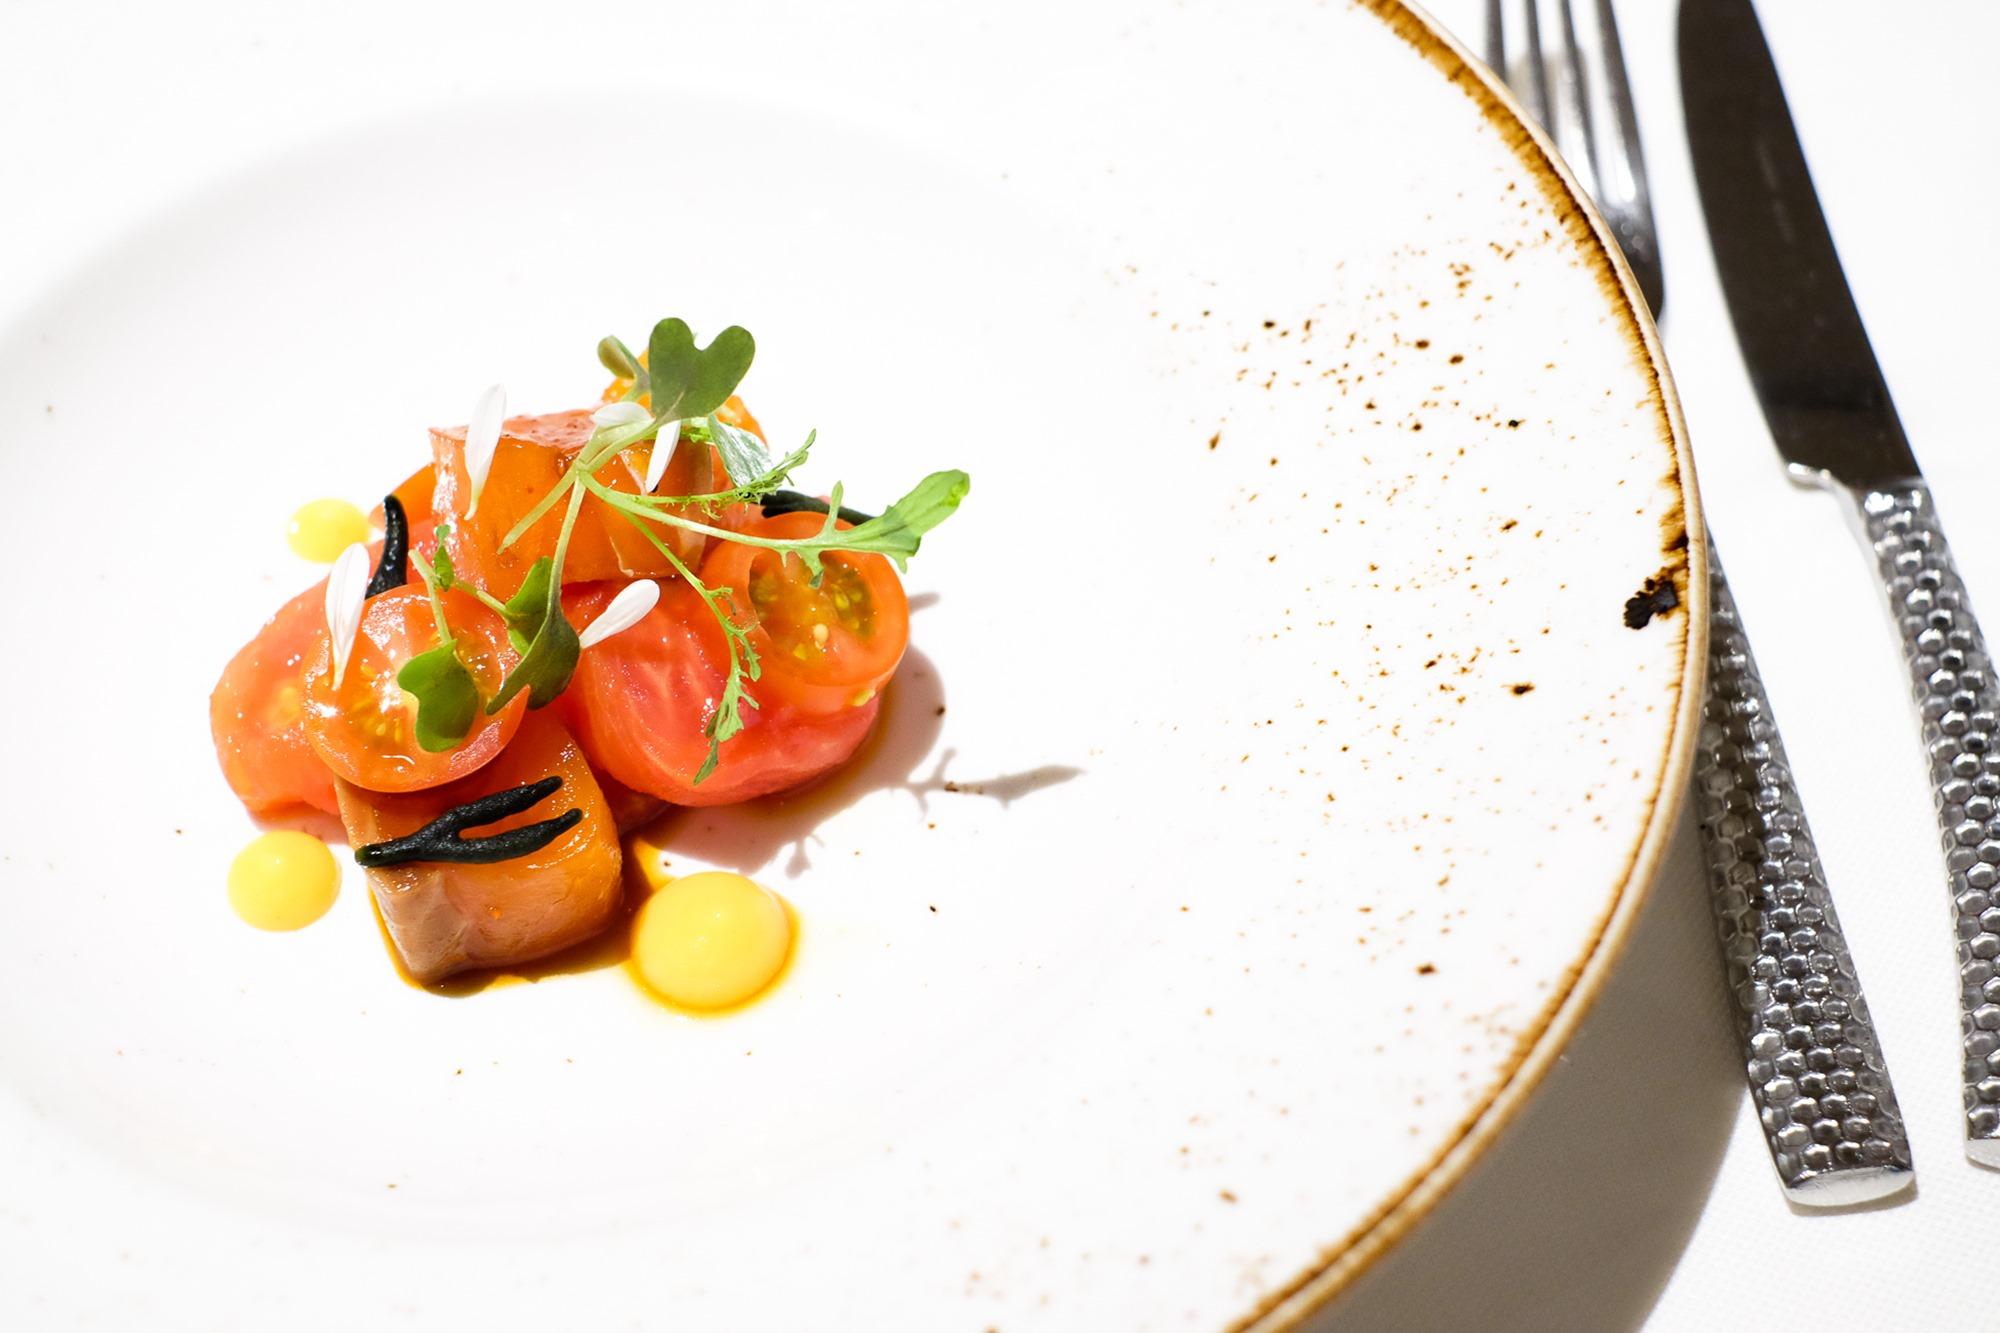 Ensalada de tomate y salmón marinado para abrir boca.